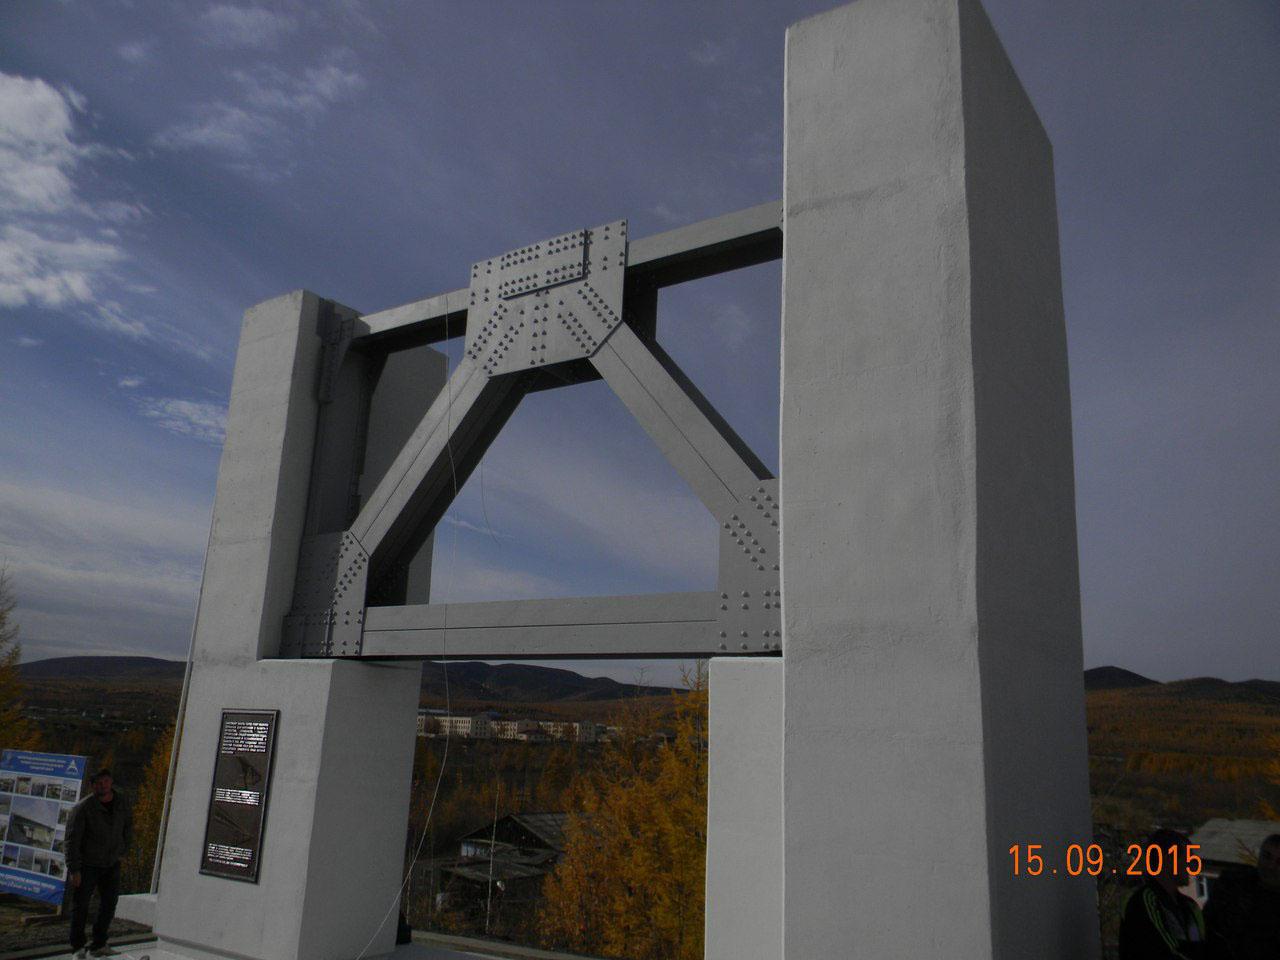 Вот такой памятник получился...Клепанный фрагмент пролетного строения взяли со старого моста...